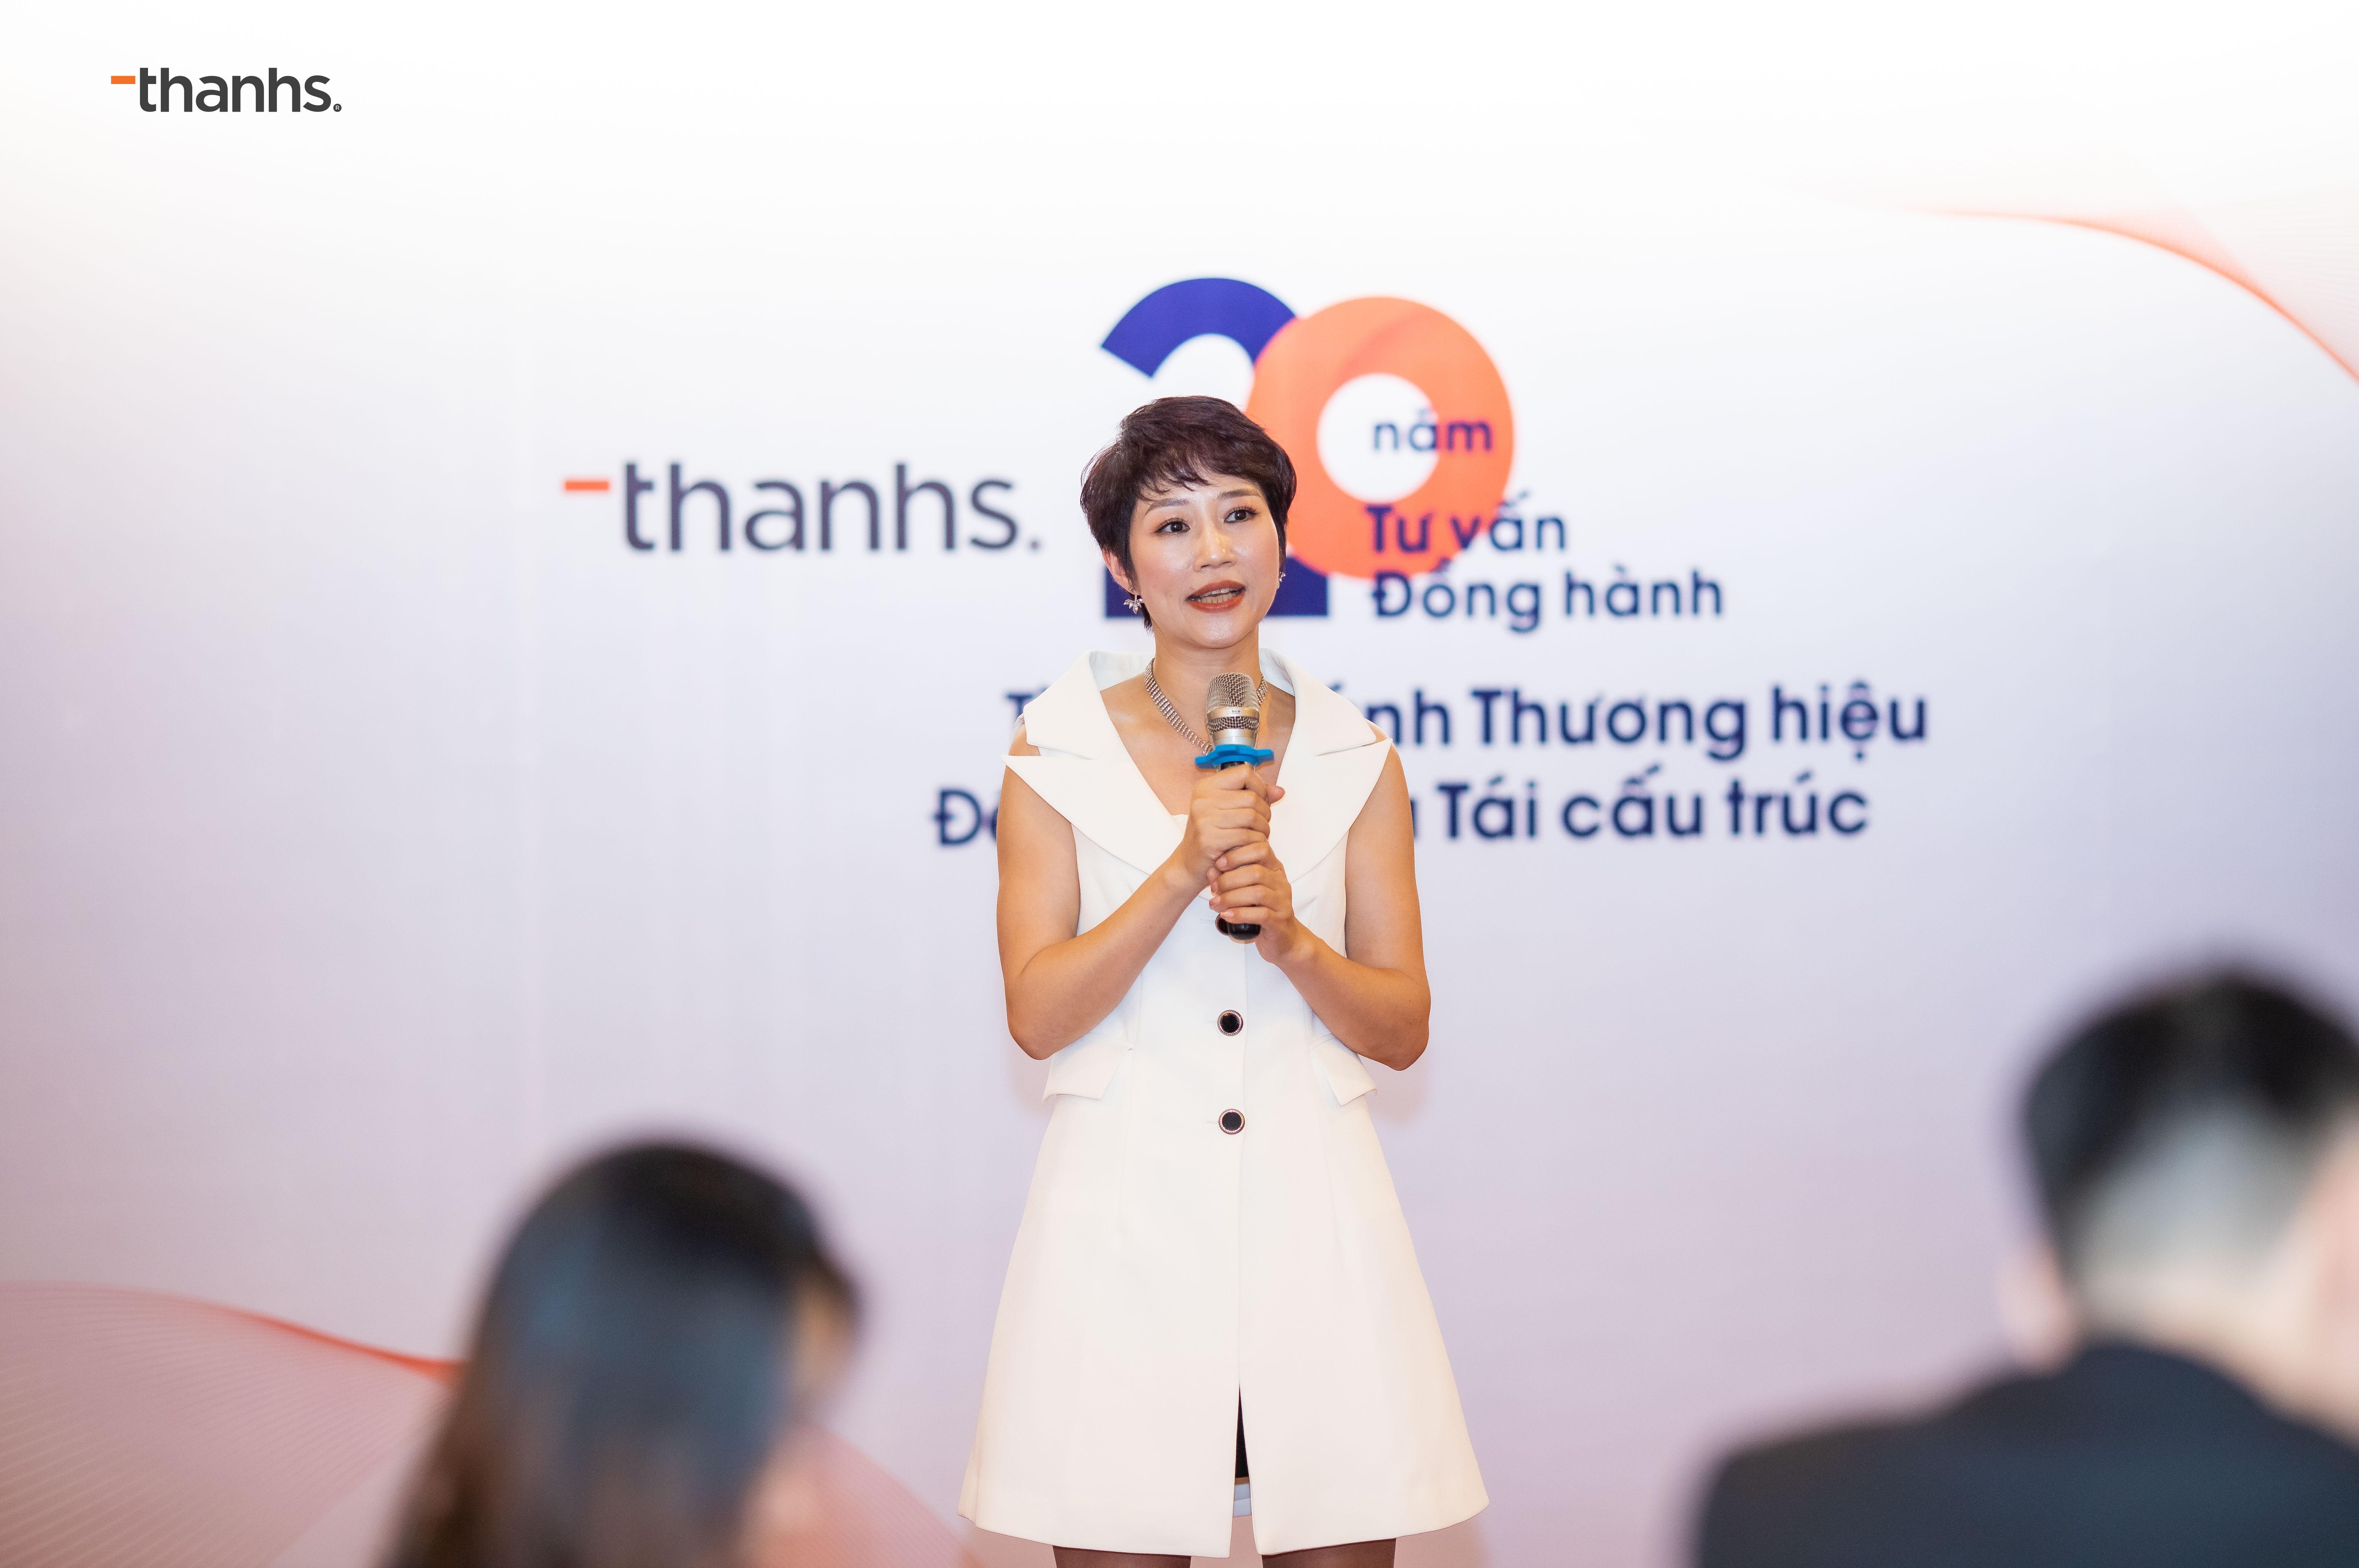 Chuyên gia Đặng Thanh Vân chia sẻ trong tọa đàm